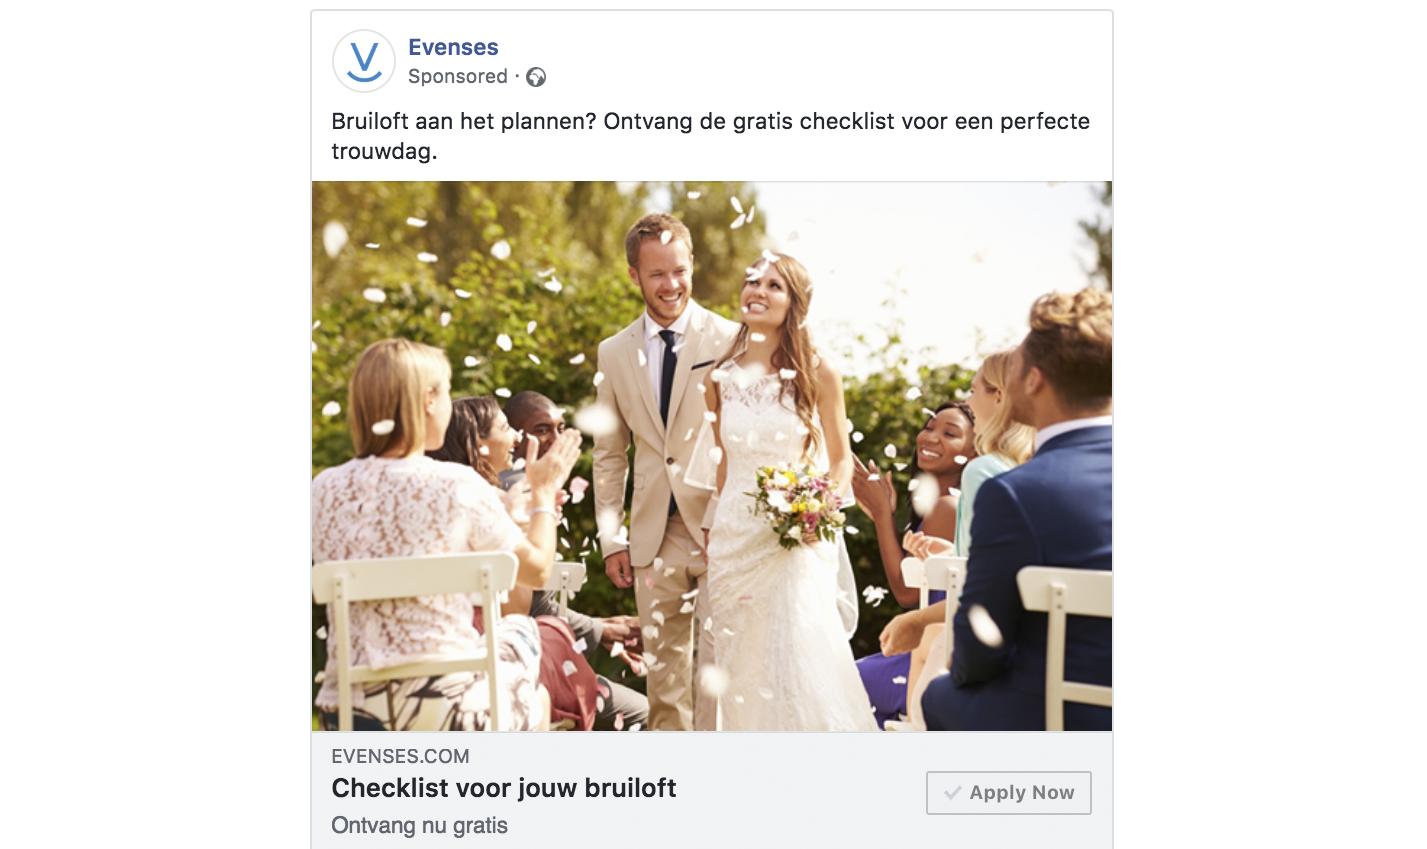 Evenses – In-house training & social advertising